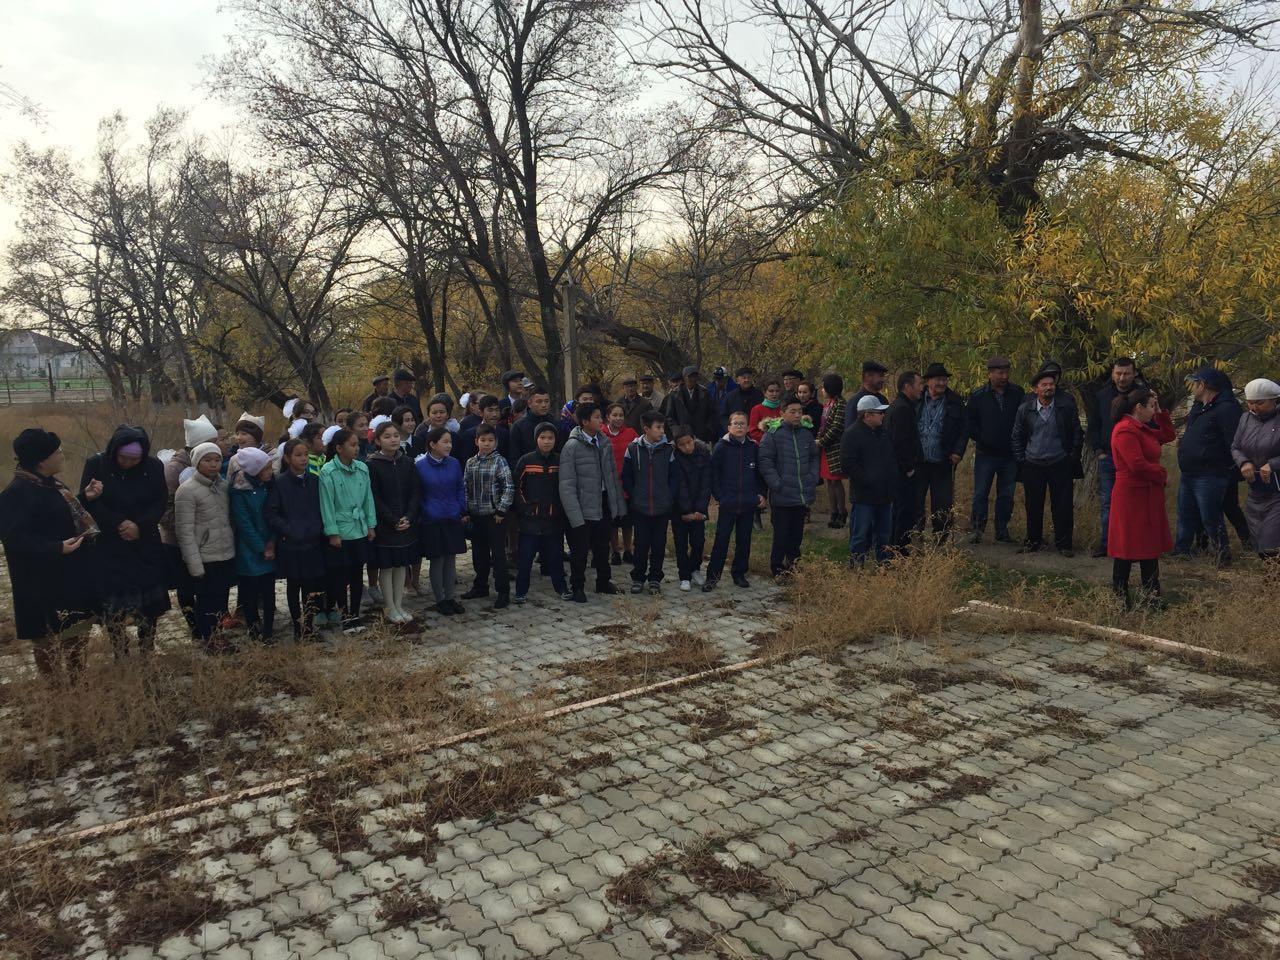 Жители села Онды вскрыли свою капсулу времени с посланием, фото-9